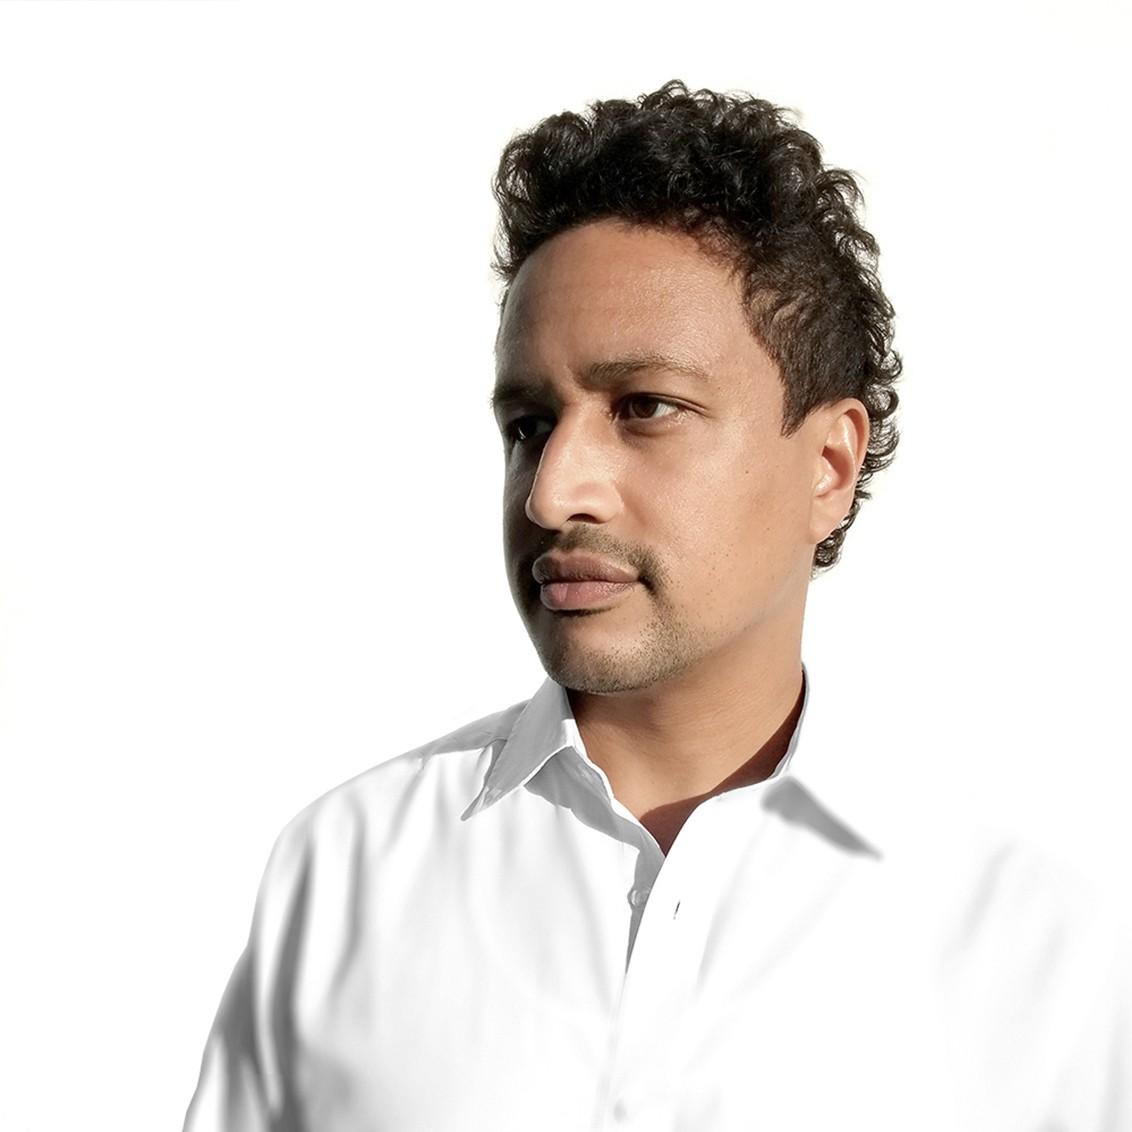 Headshot of DK Osseo-Asare